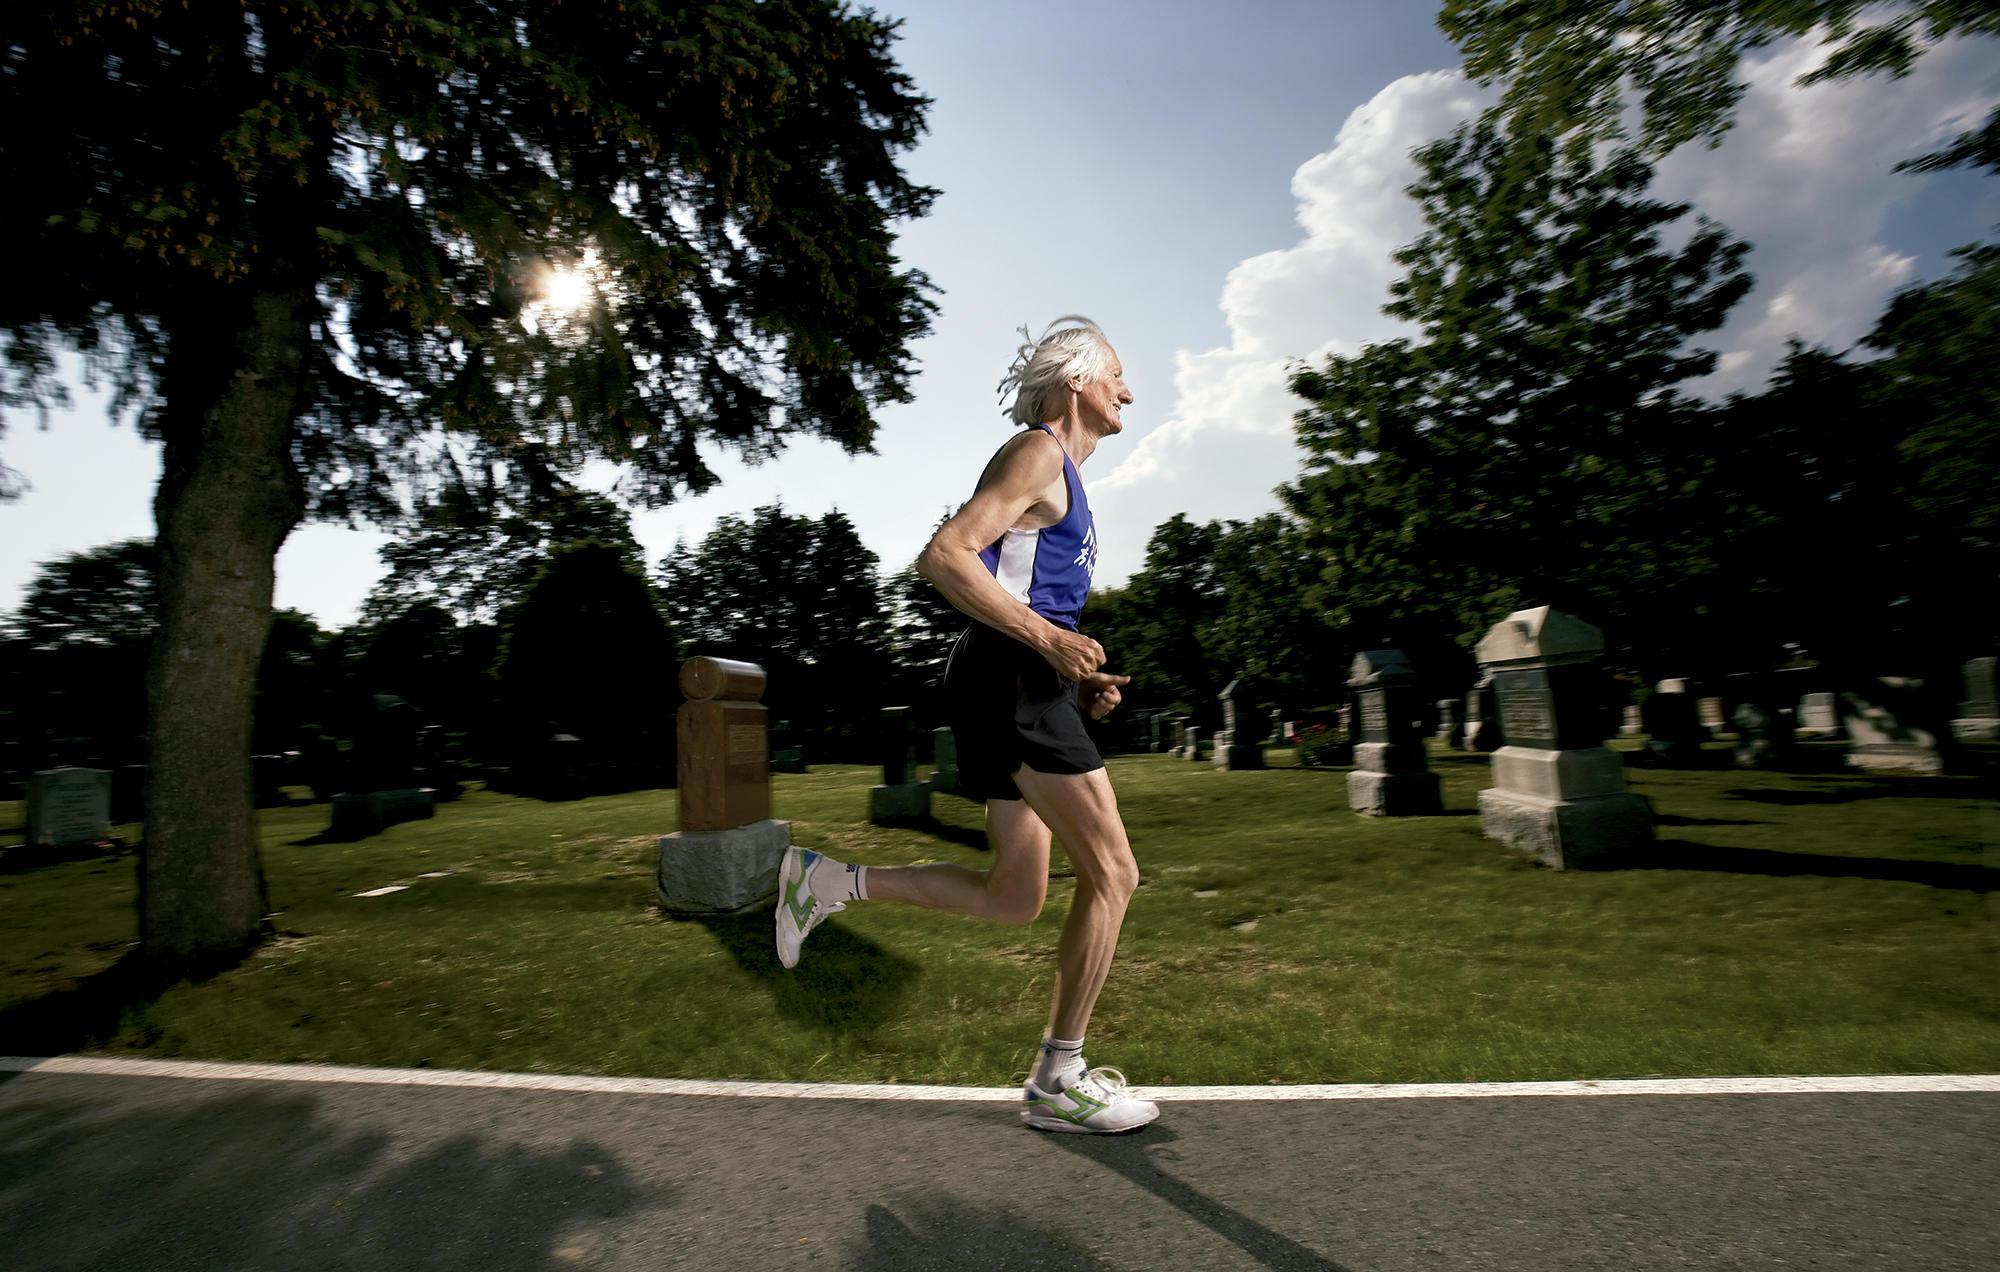 Ed Whitlock running